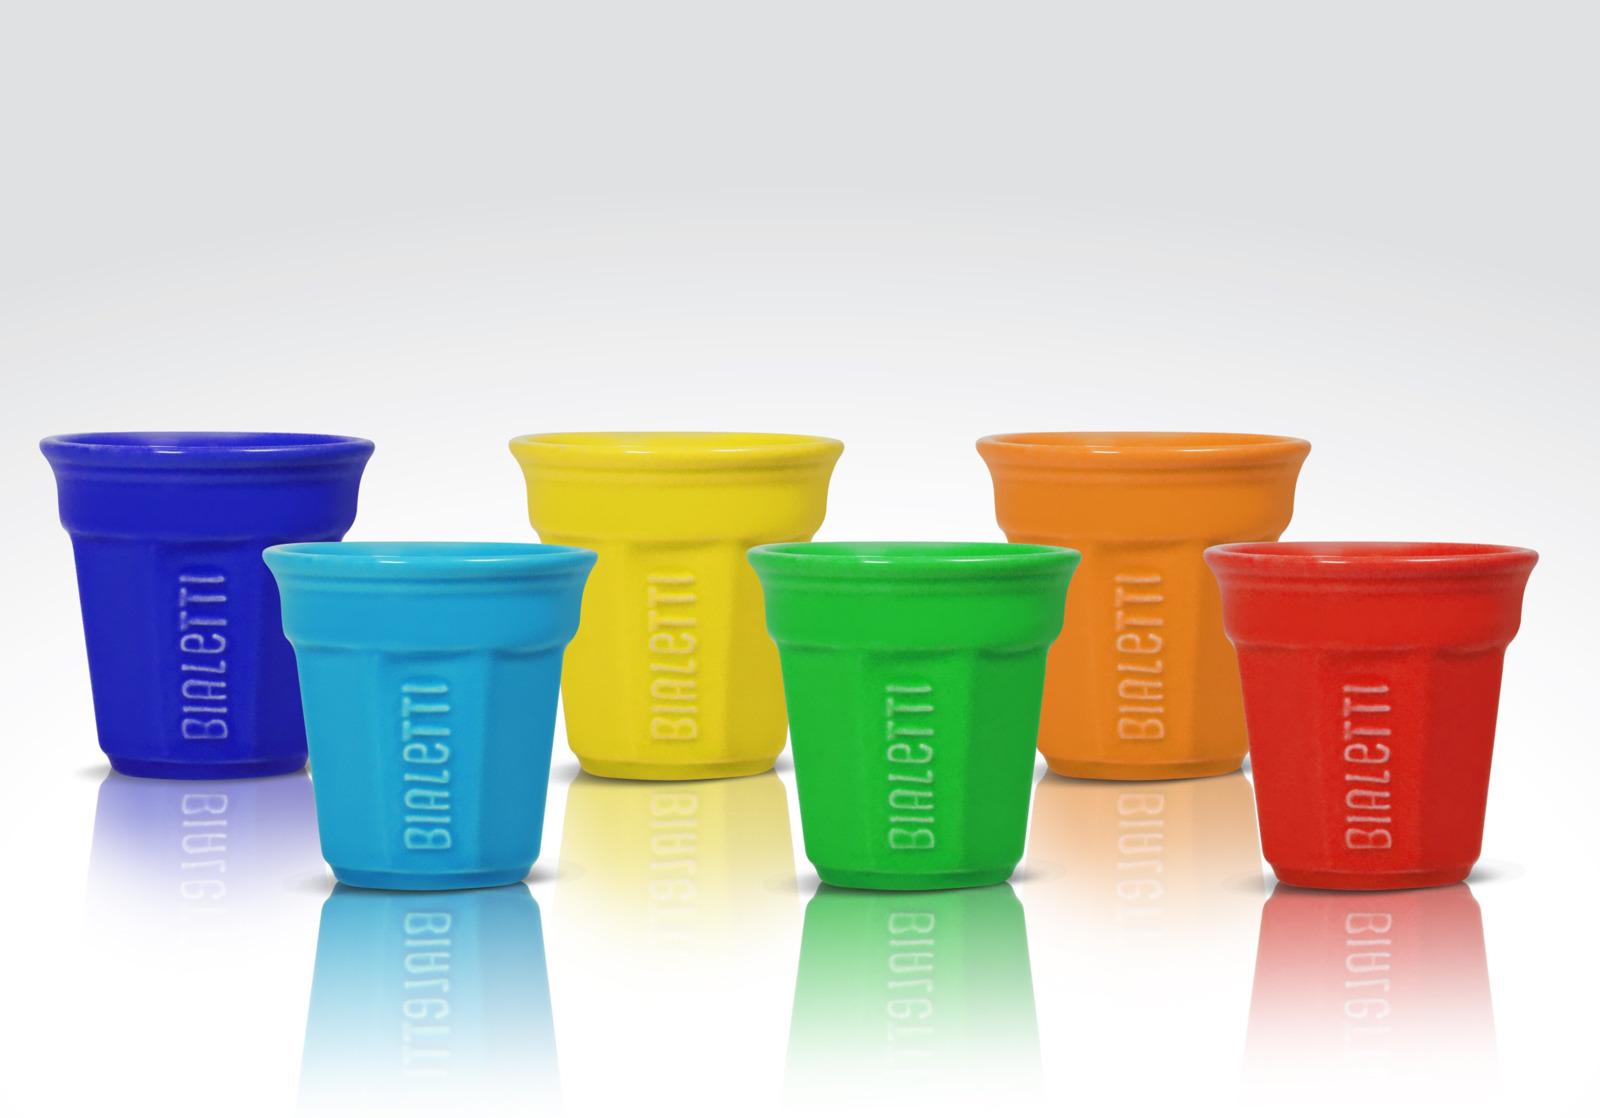 Фото - Кофейные чашки Bialetti Set Bicchierini 6 шт., разноцветный [супермаркет] jingdong геб scybe фил приблизительно круглая чашка установлена в вертикальном положении стеклянной чашки 290мла 6 z